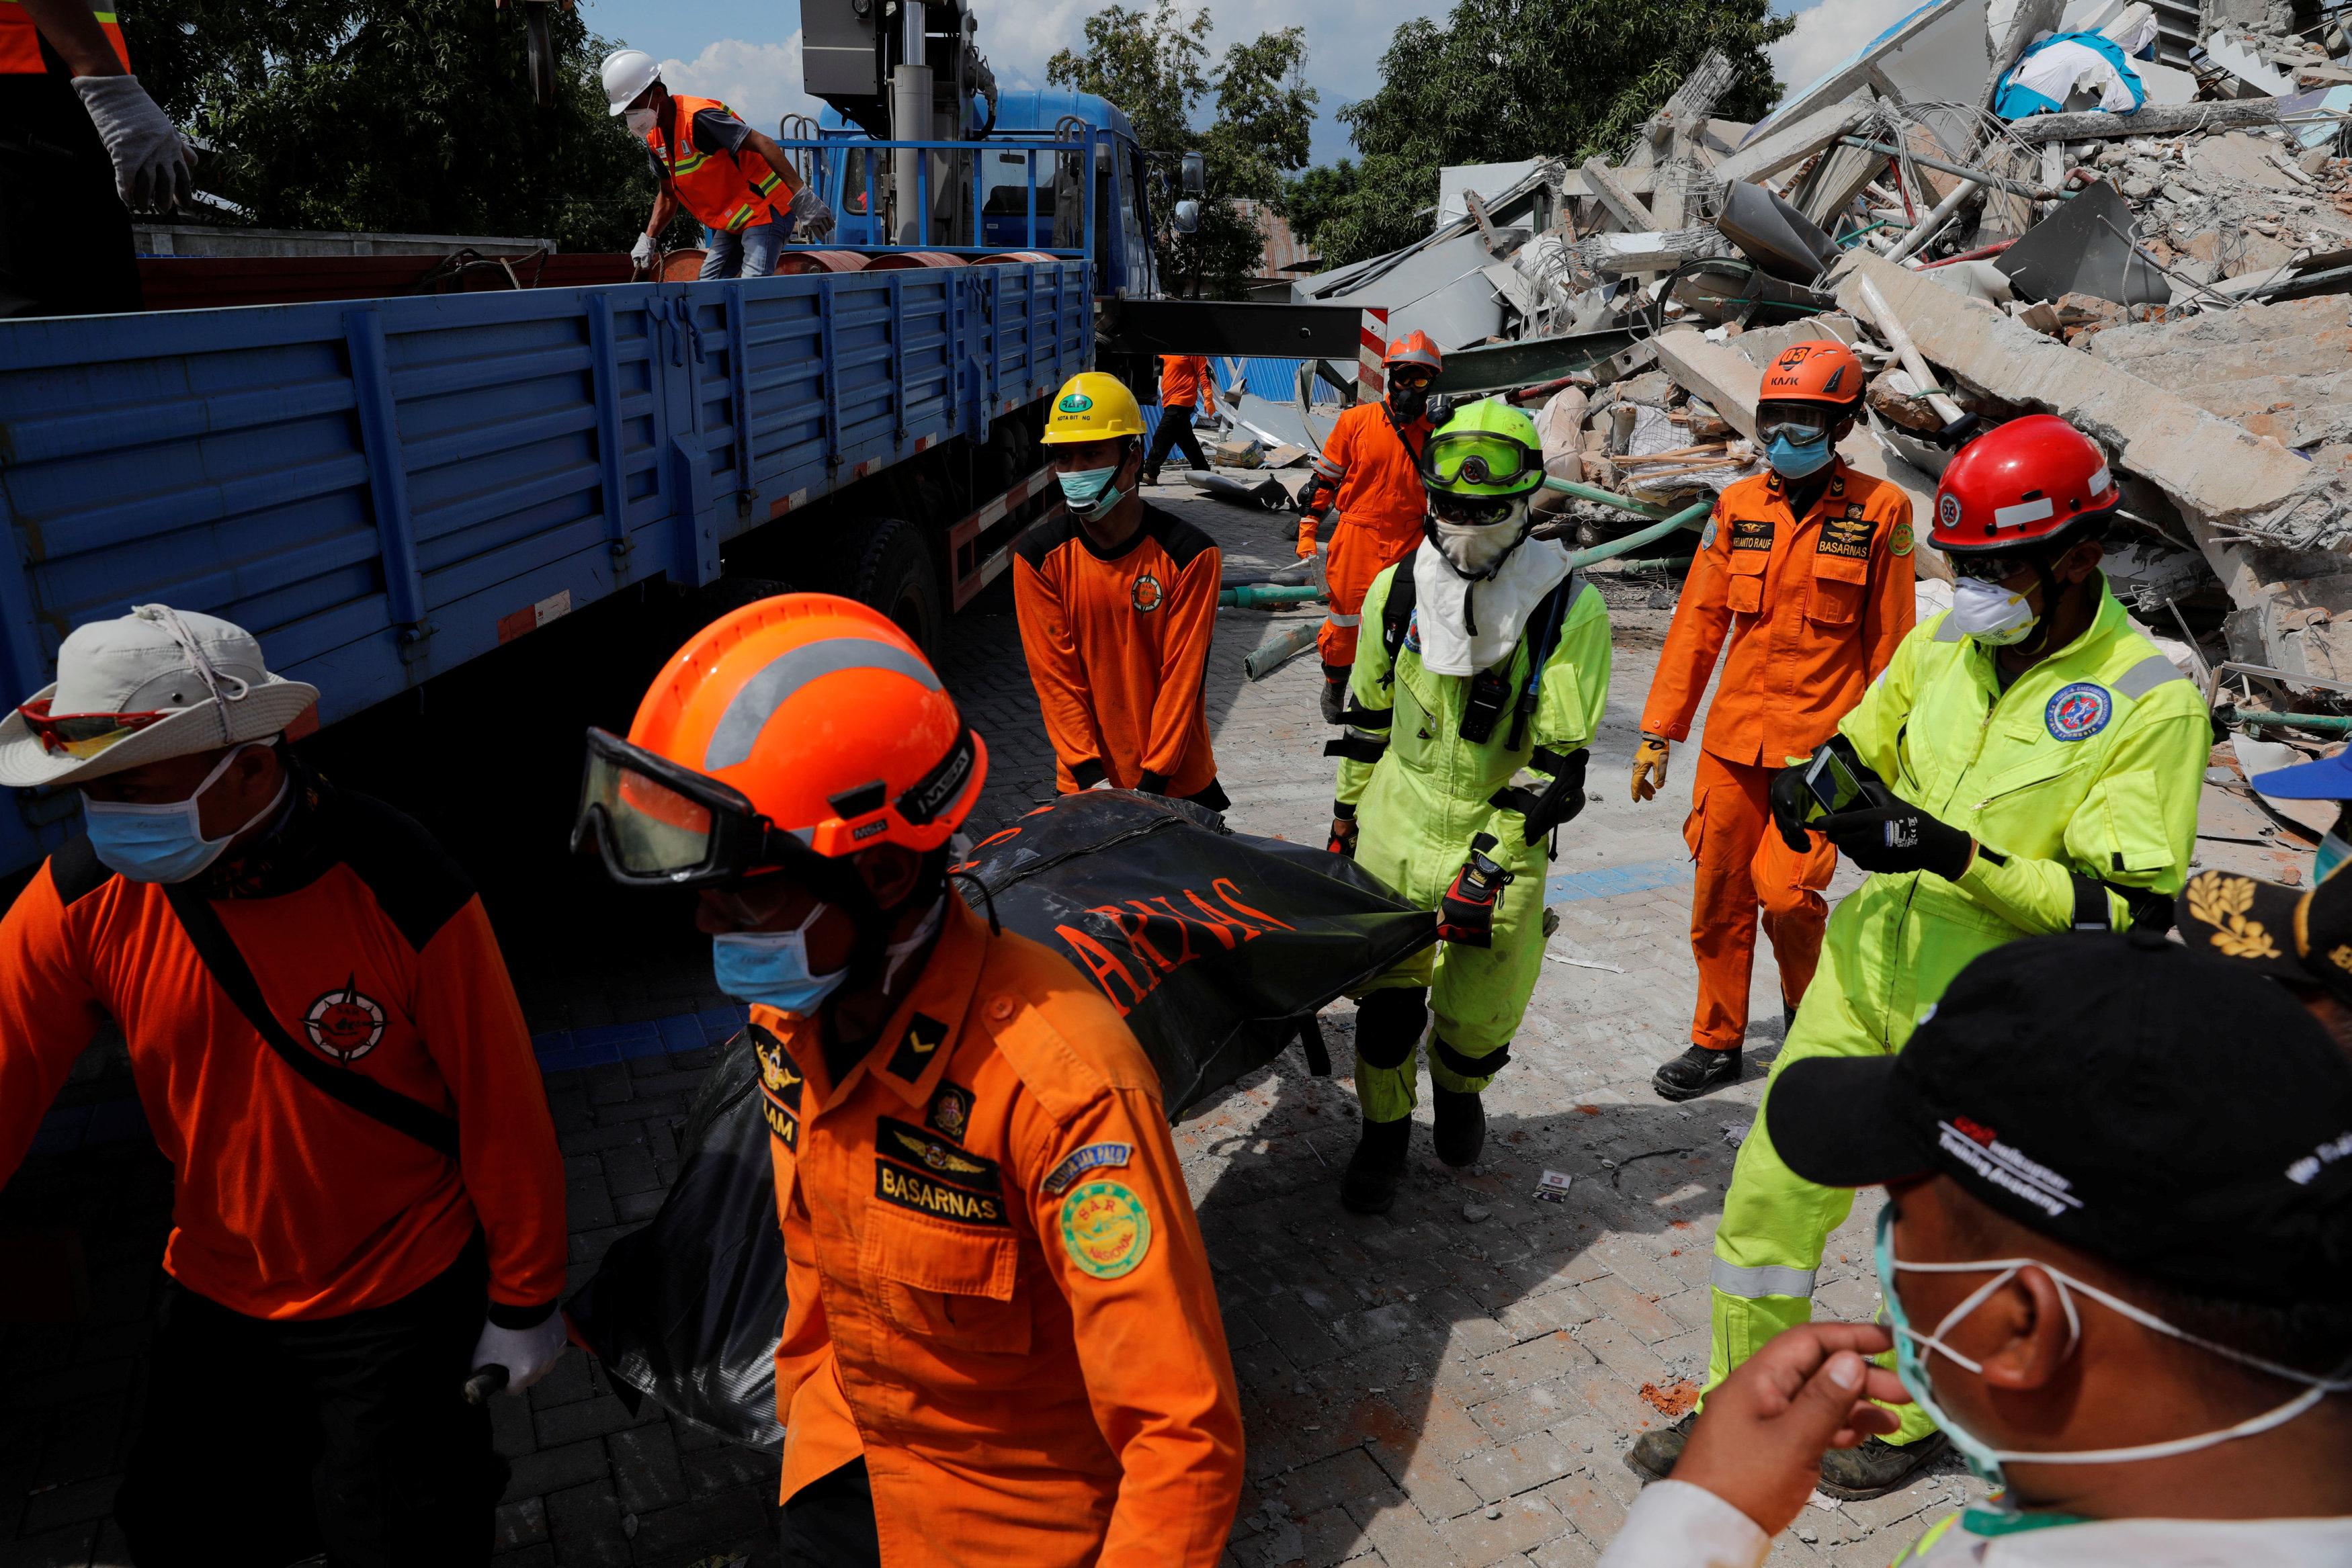 Socorristas cargan el cuerpo de una persona fallecida en el derrumbe del hotel Roa-Roa en Palu (REUTERS/Beawiharta)